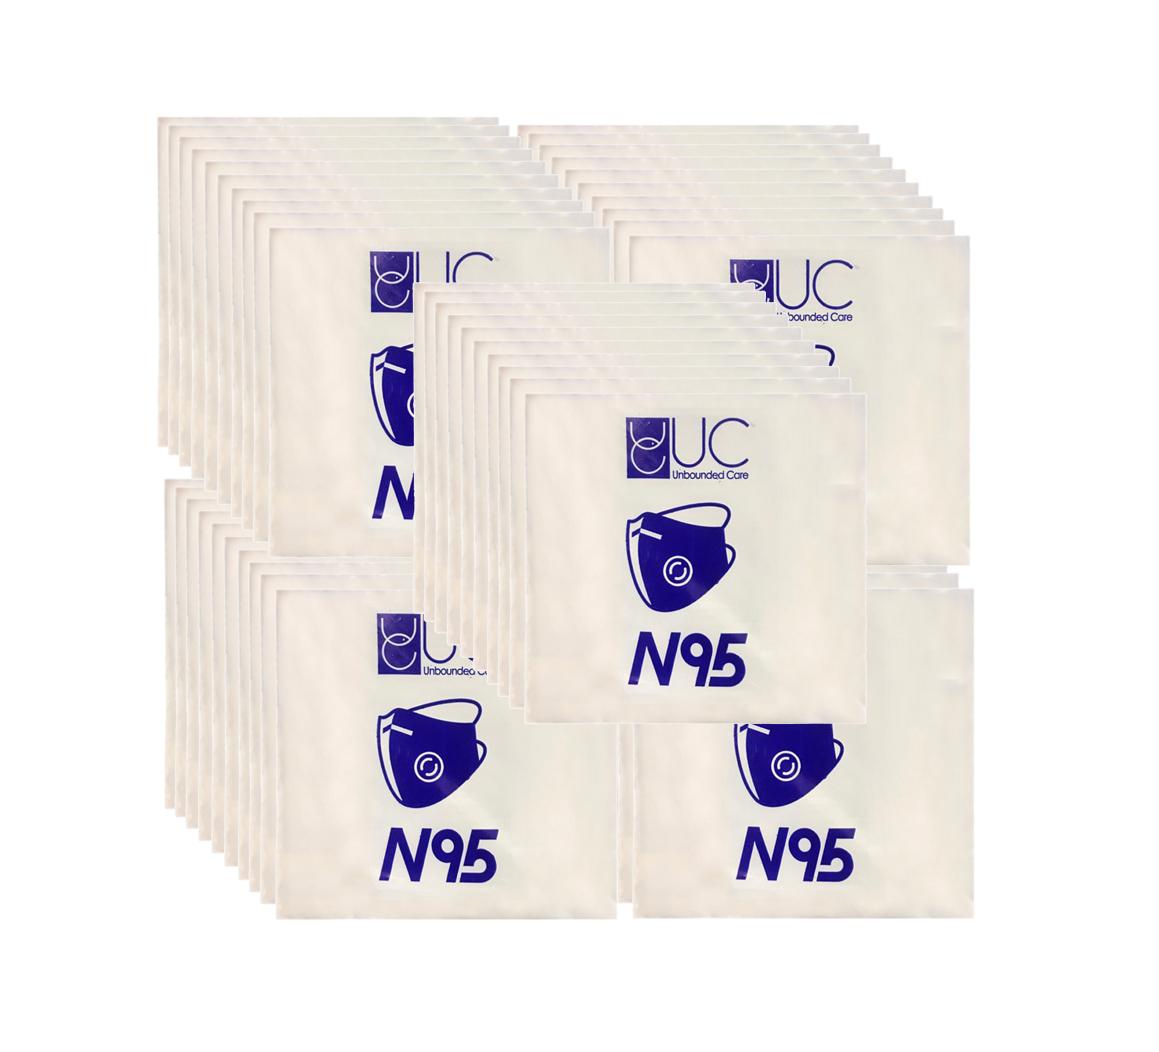 ماسک N95 فیلتر دار 50 عددی نرخ دولتی ( تحویل فوری -ارسال رایگان )